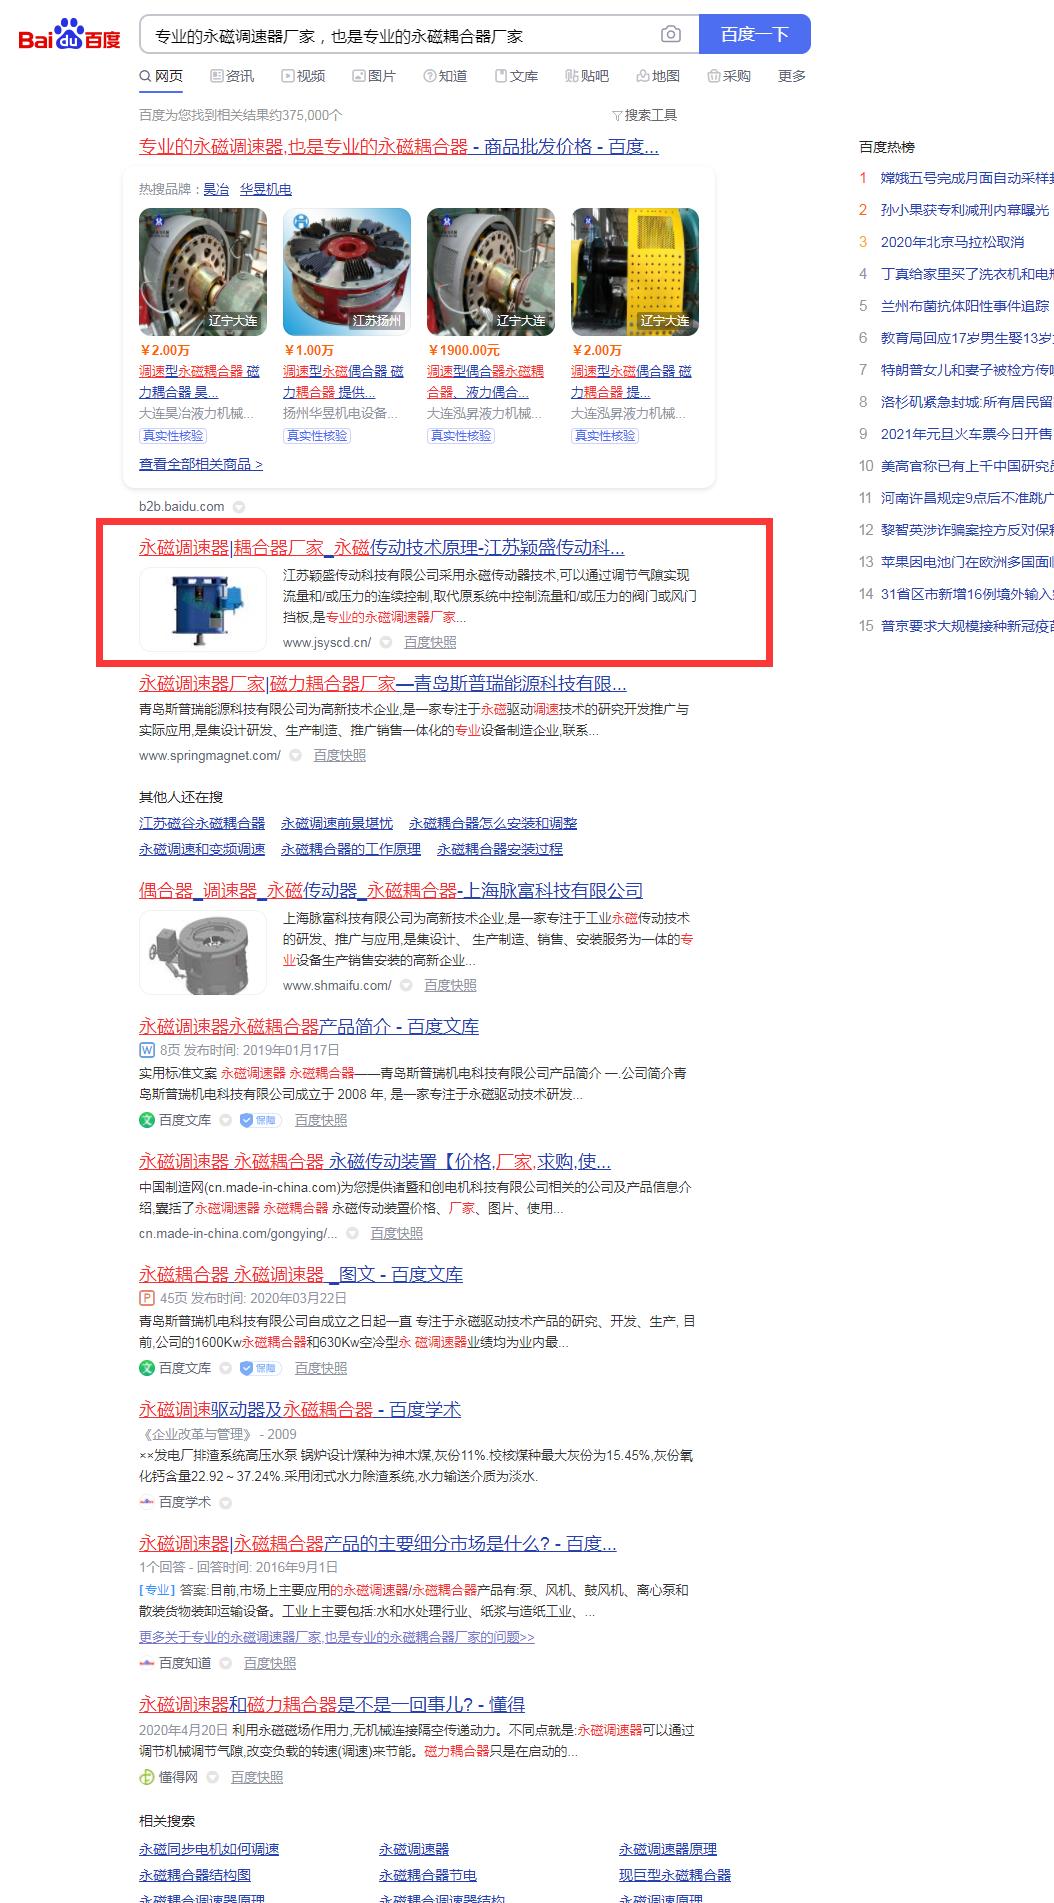 江苏颖盛传动科技有限公司